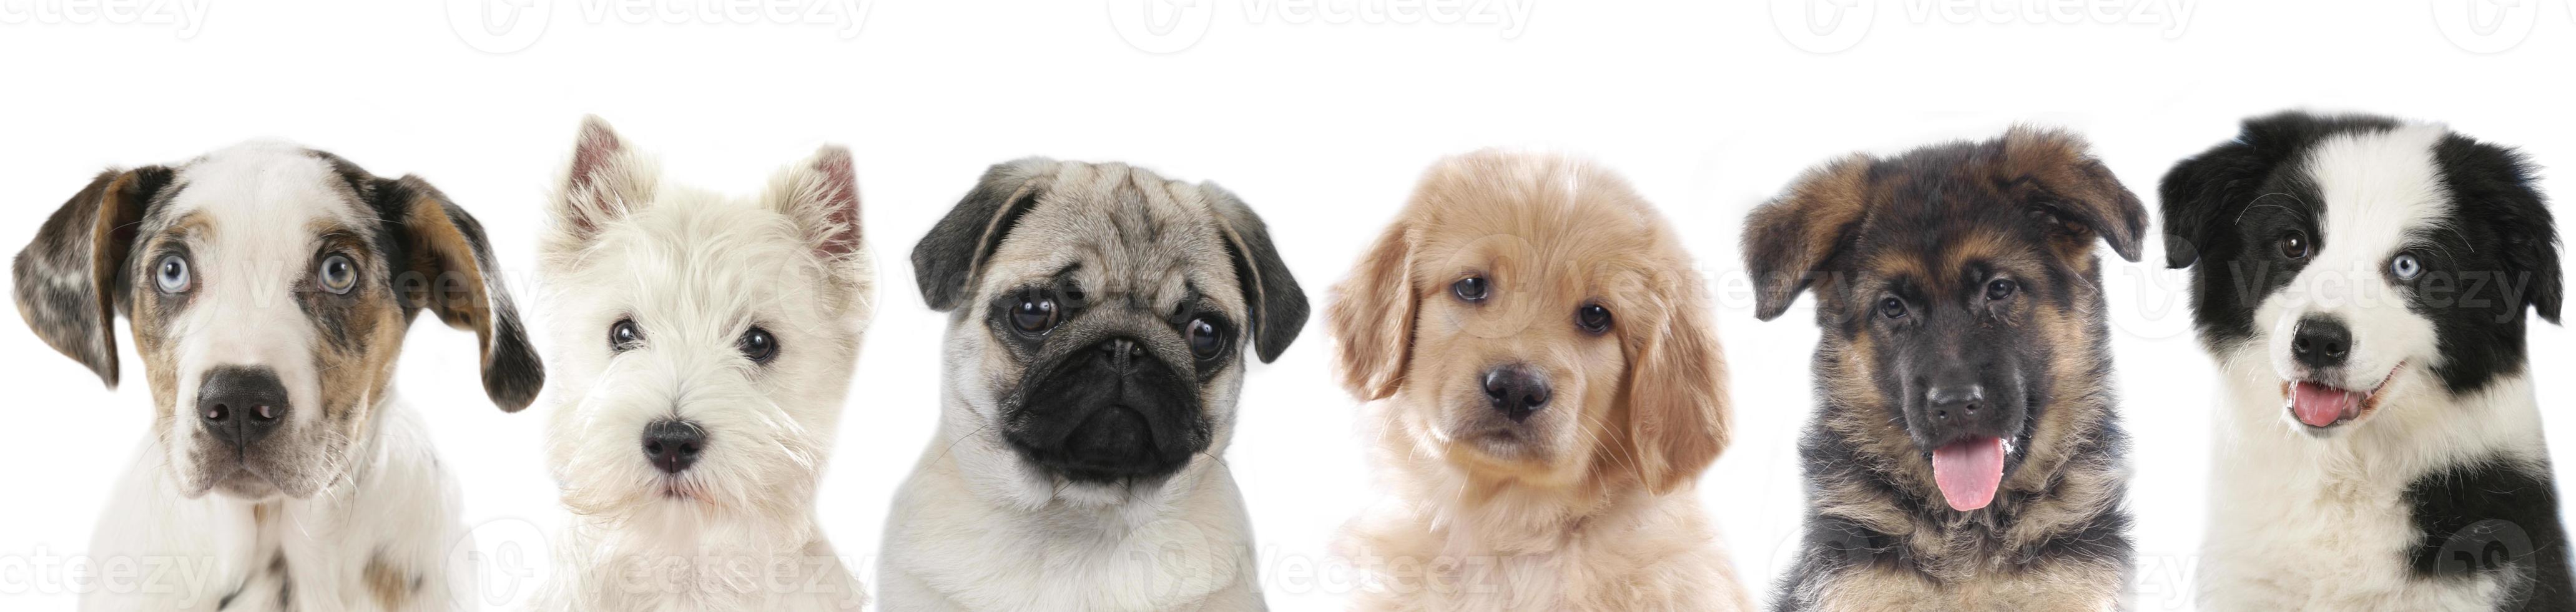 rangée de différents chiots, chiens photo